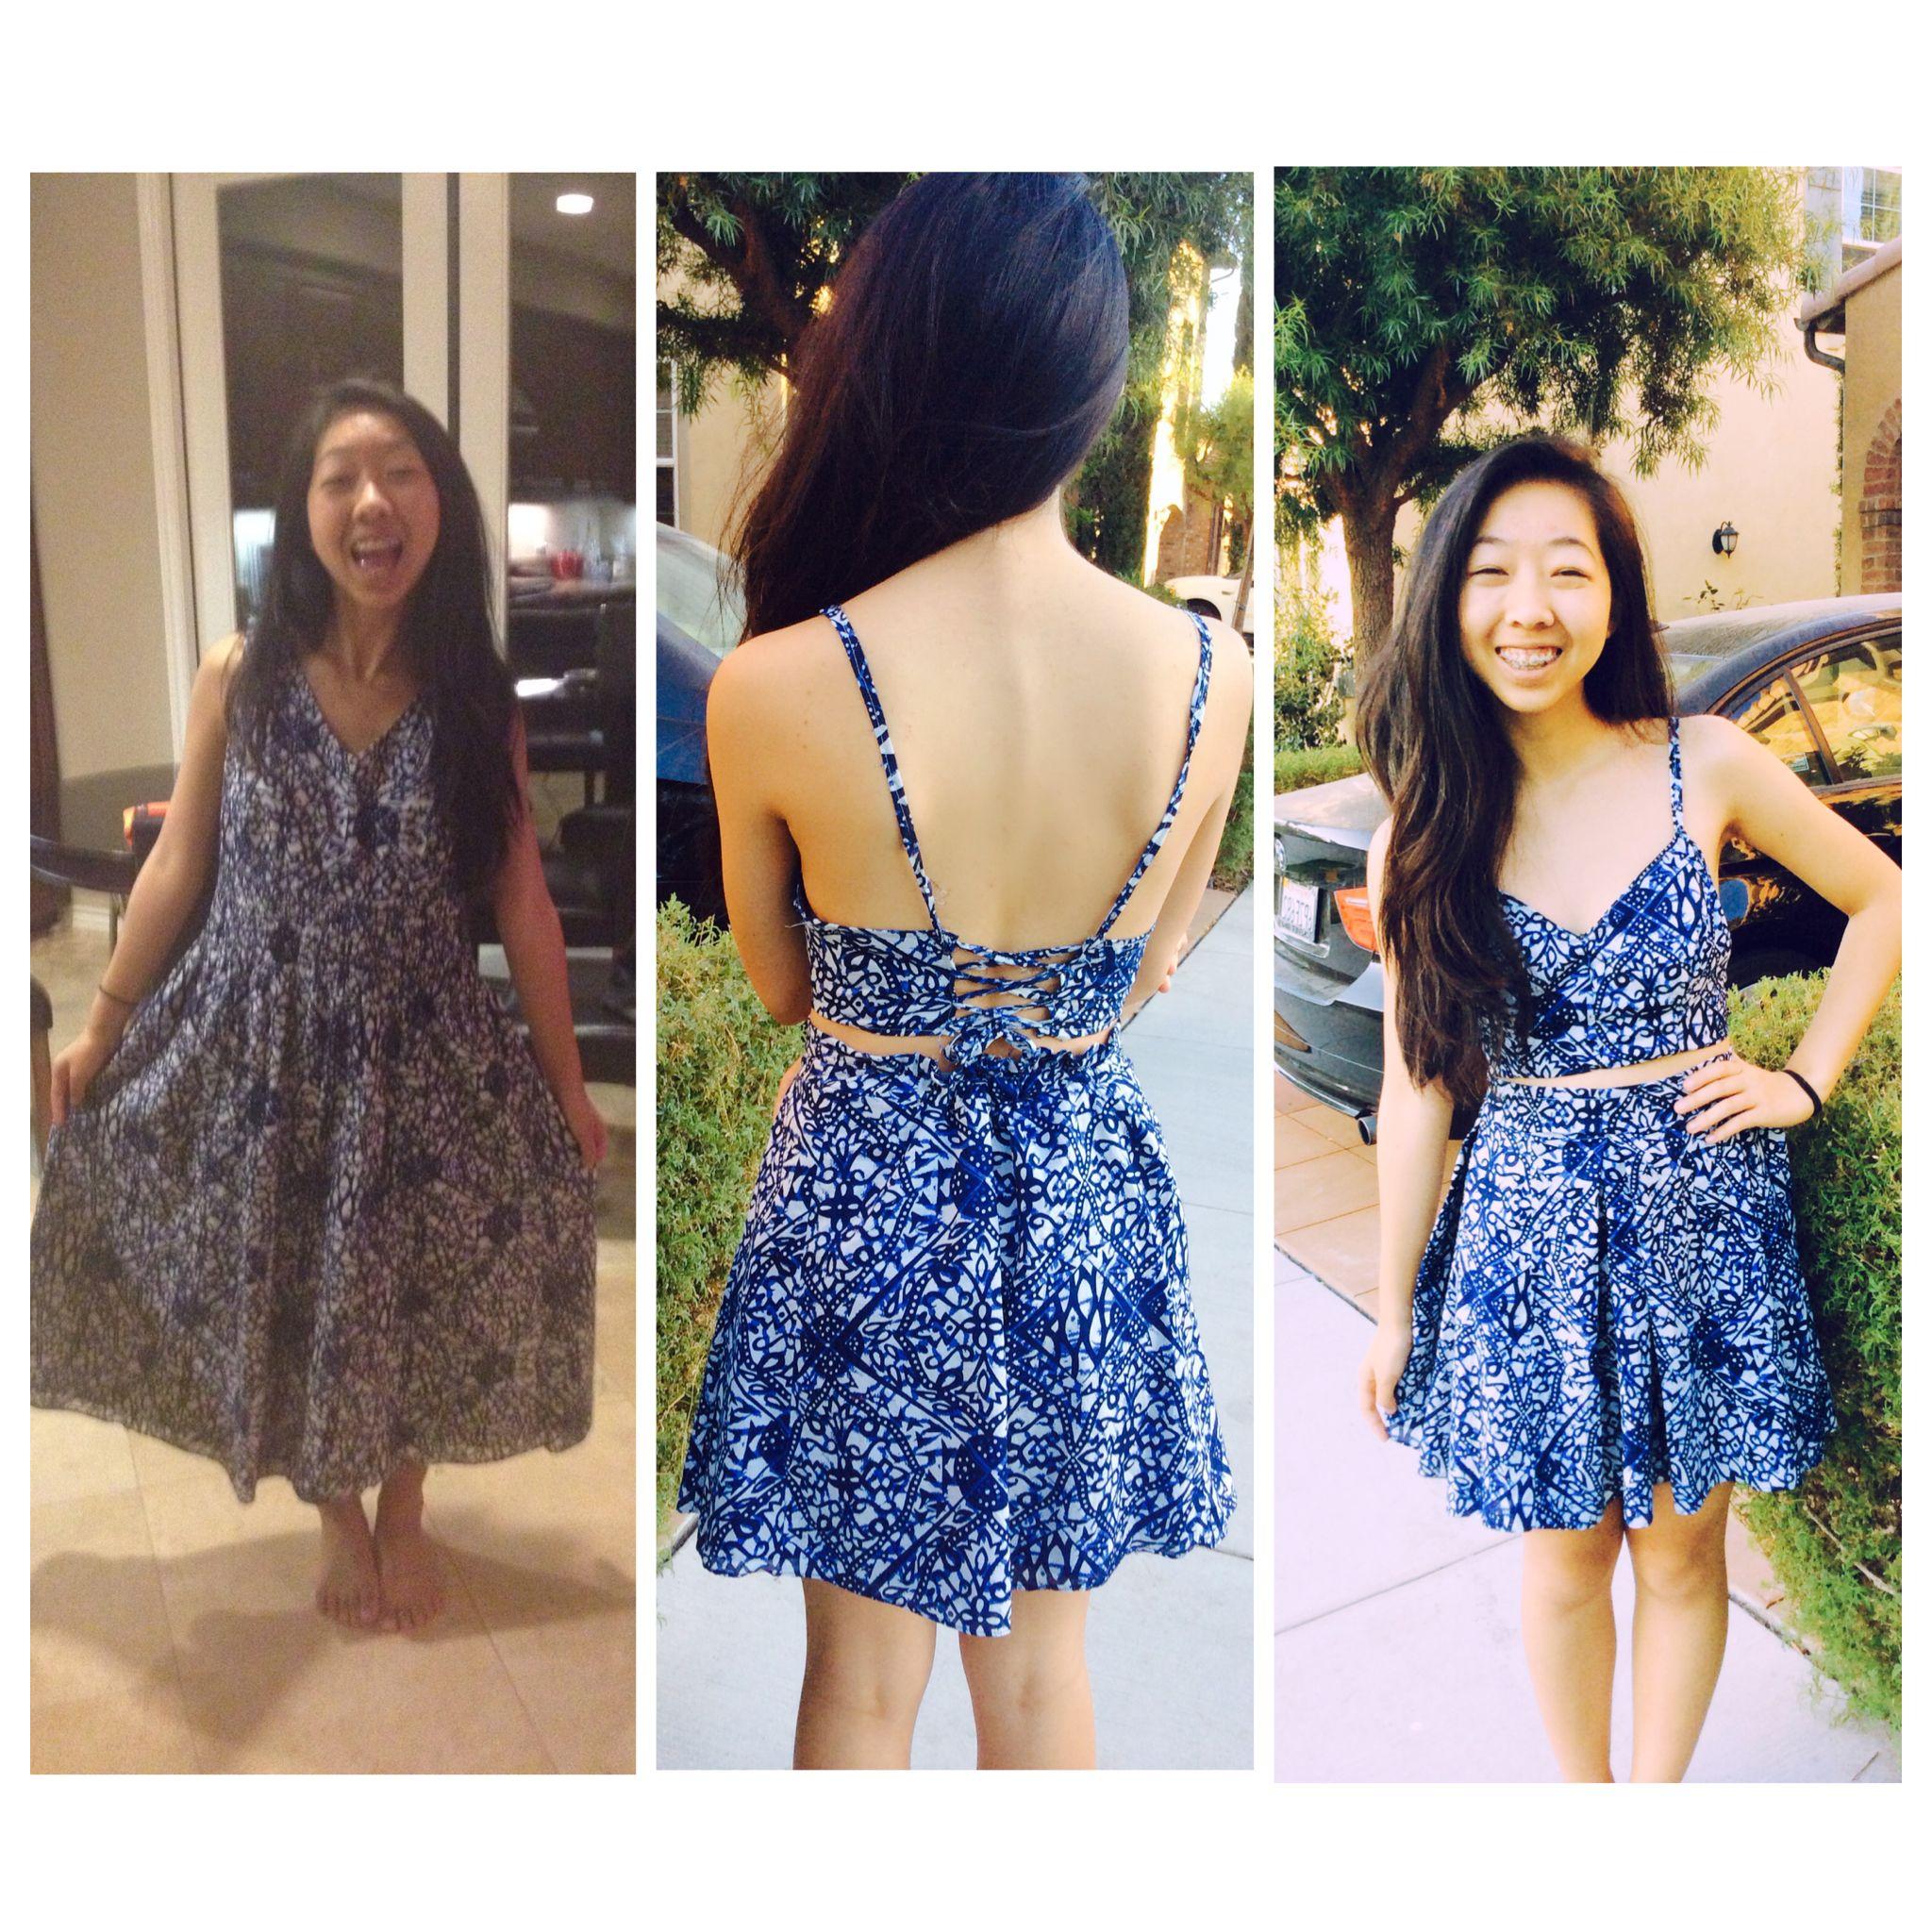 daf90e4a20 thrift store dress transformation! crop top+box pleat skirt